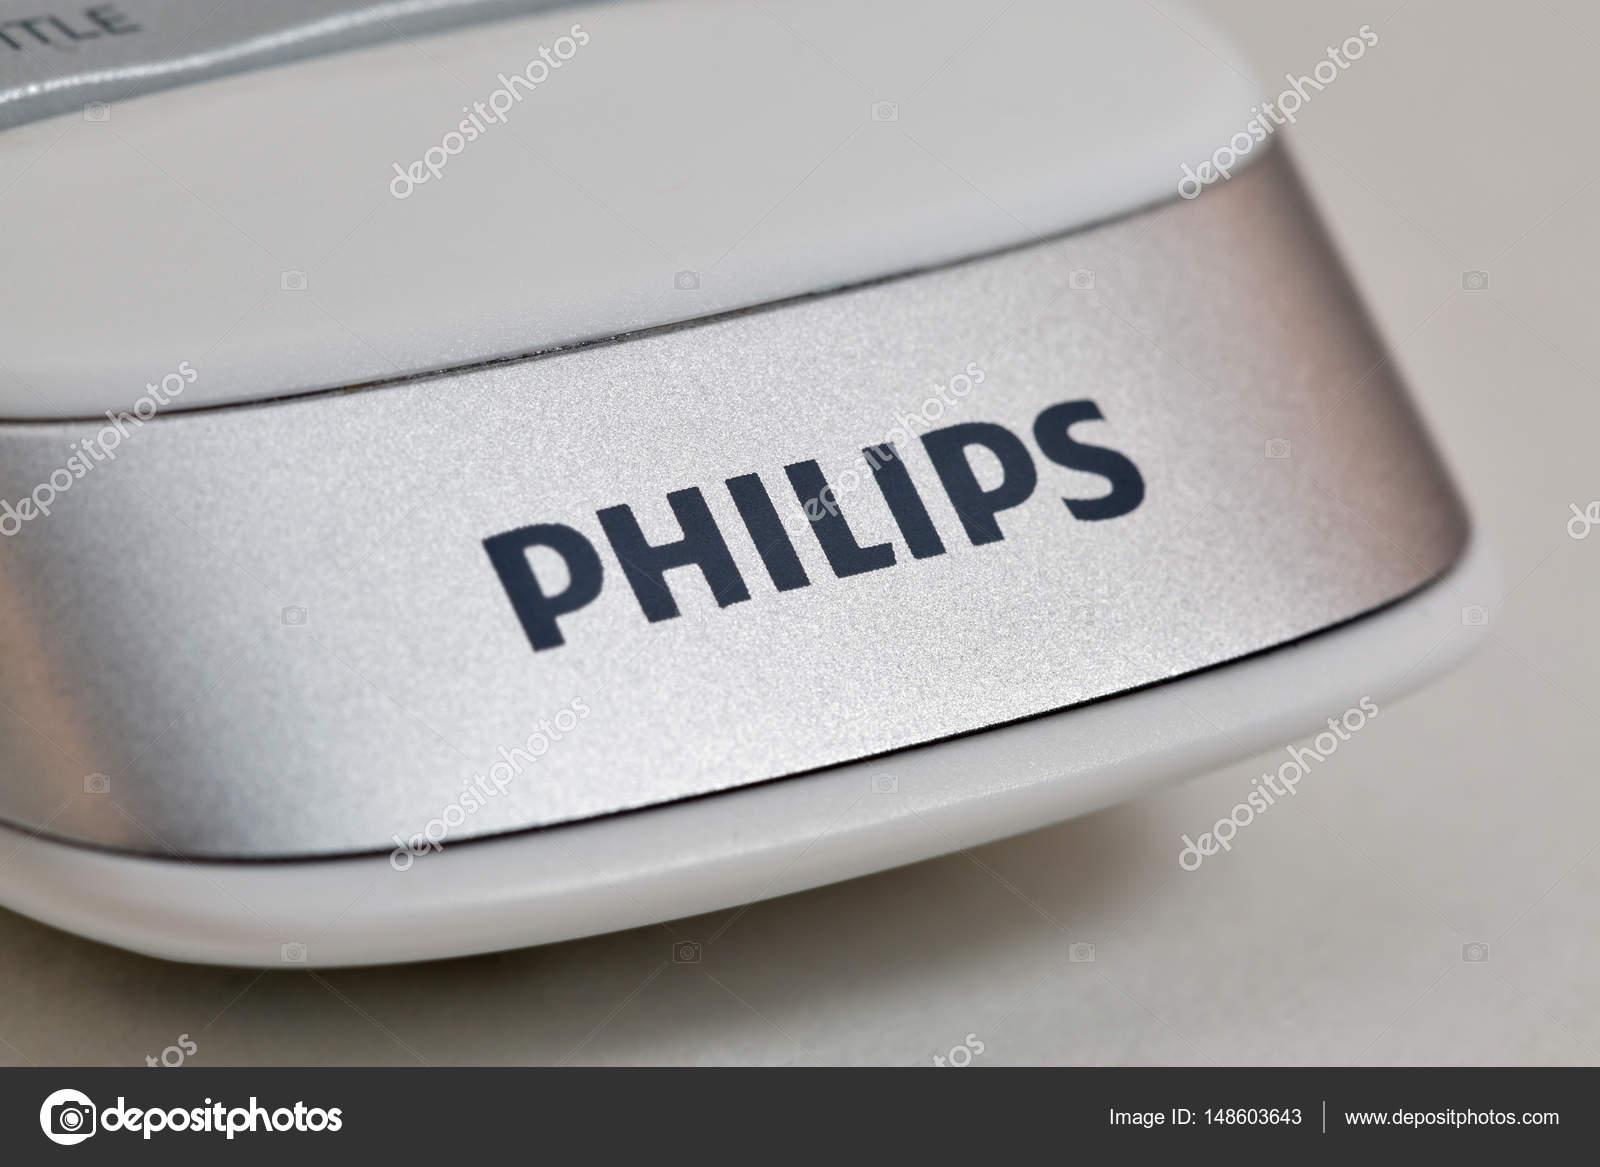 Assistenza Tv Philips.Telecomando Moderno Di Smart Tv Philips Closeup Foto